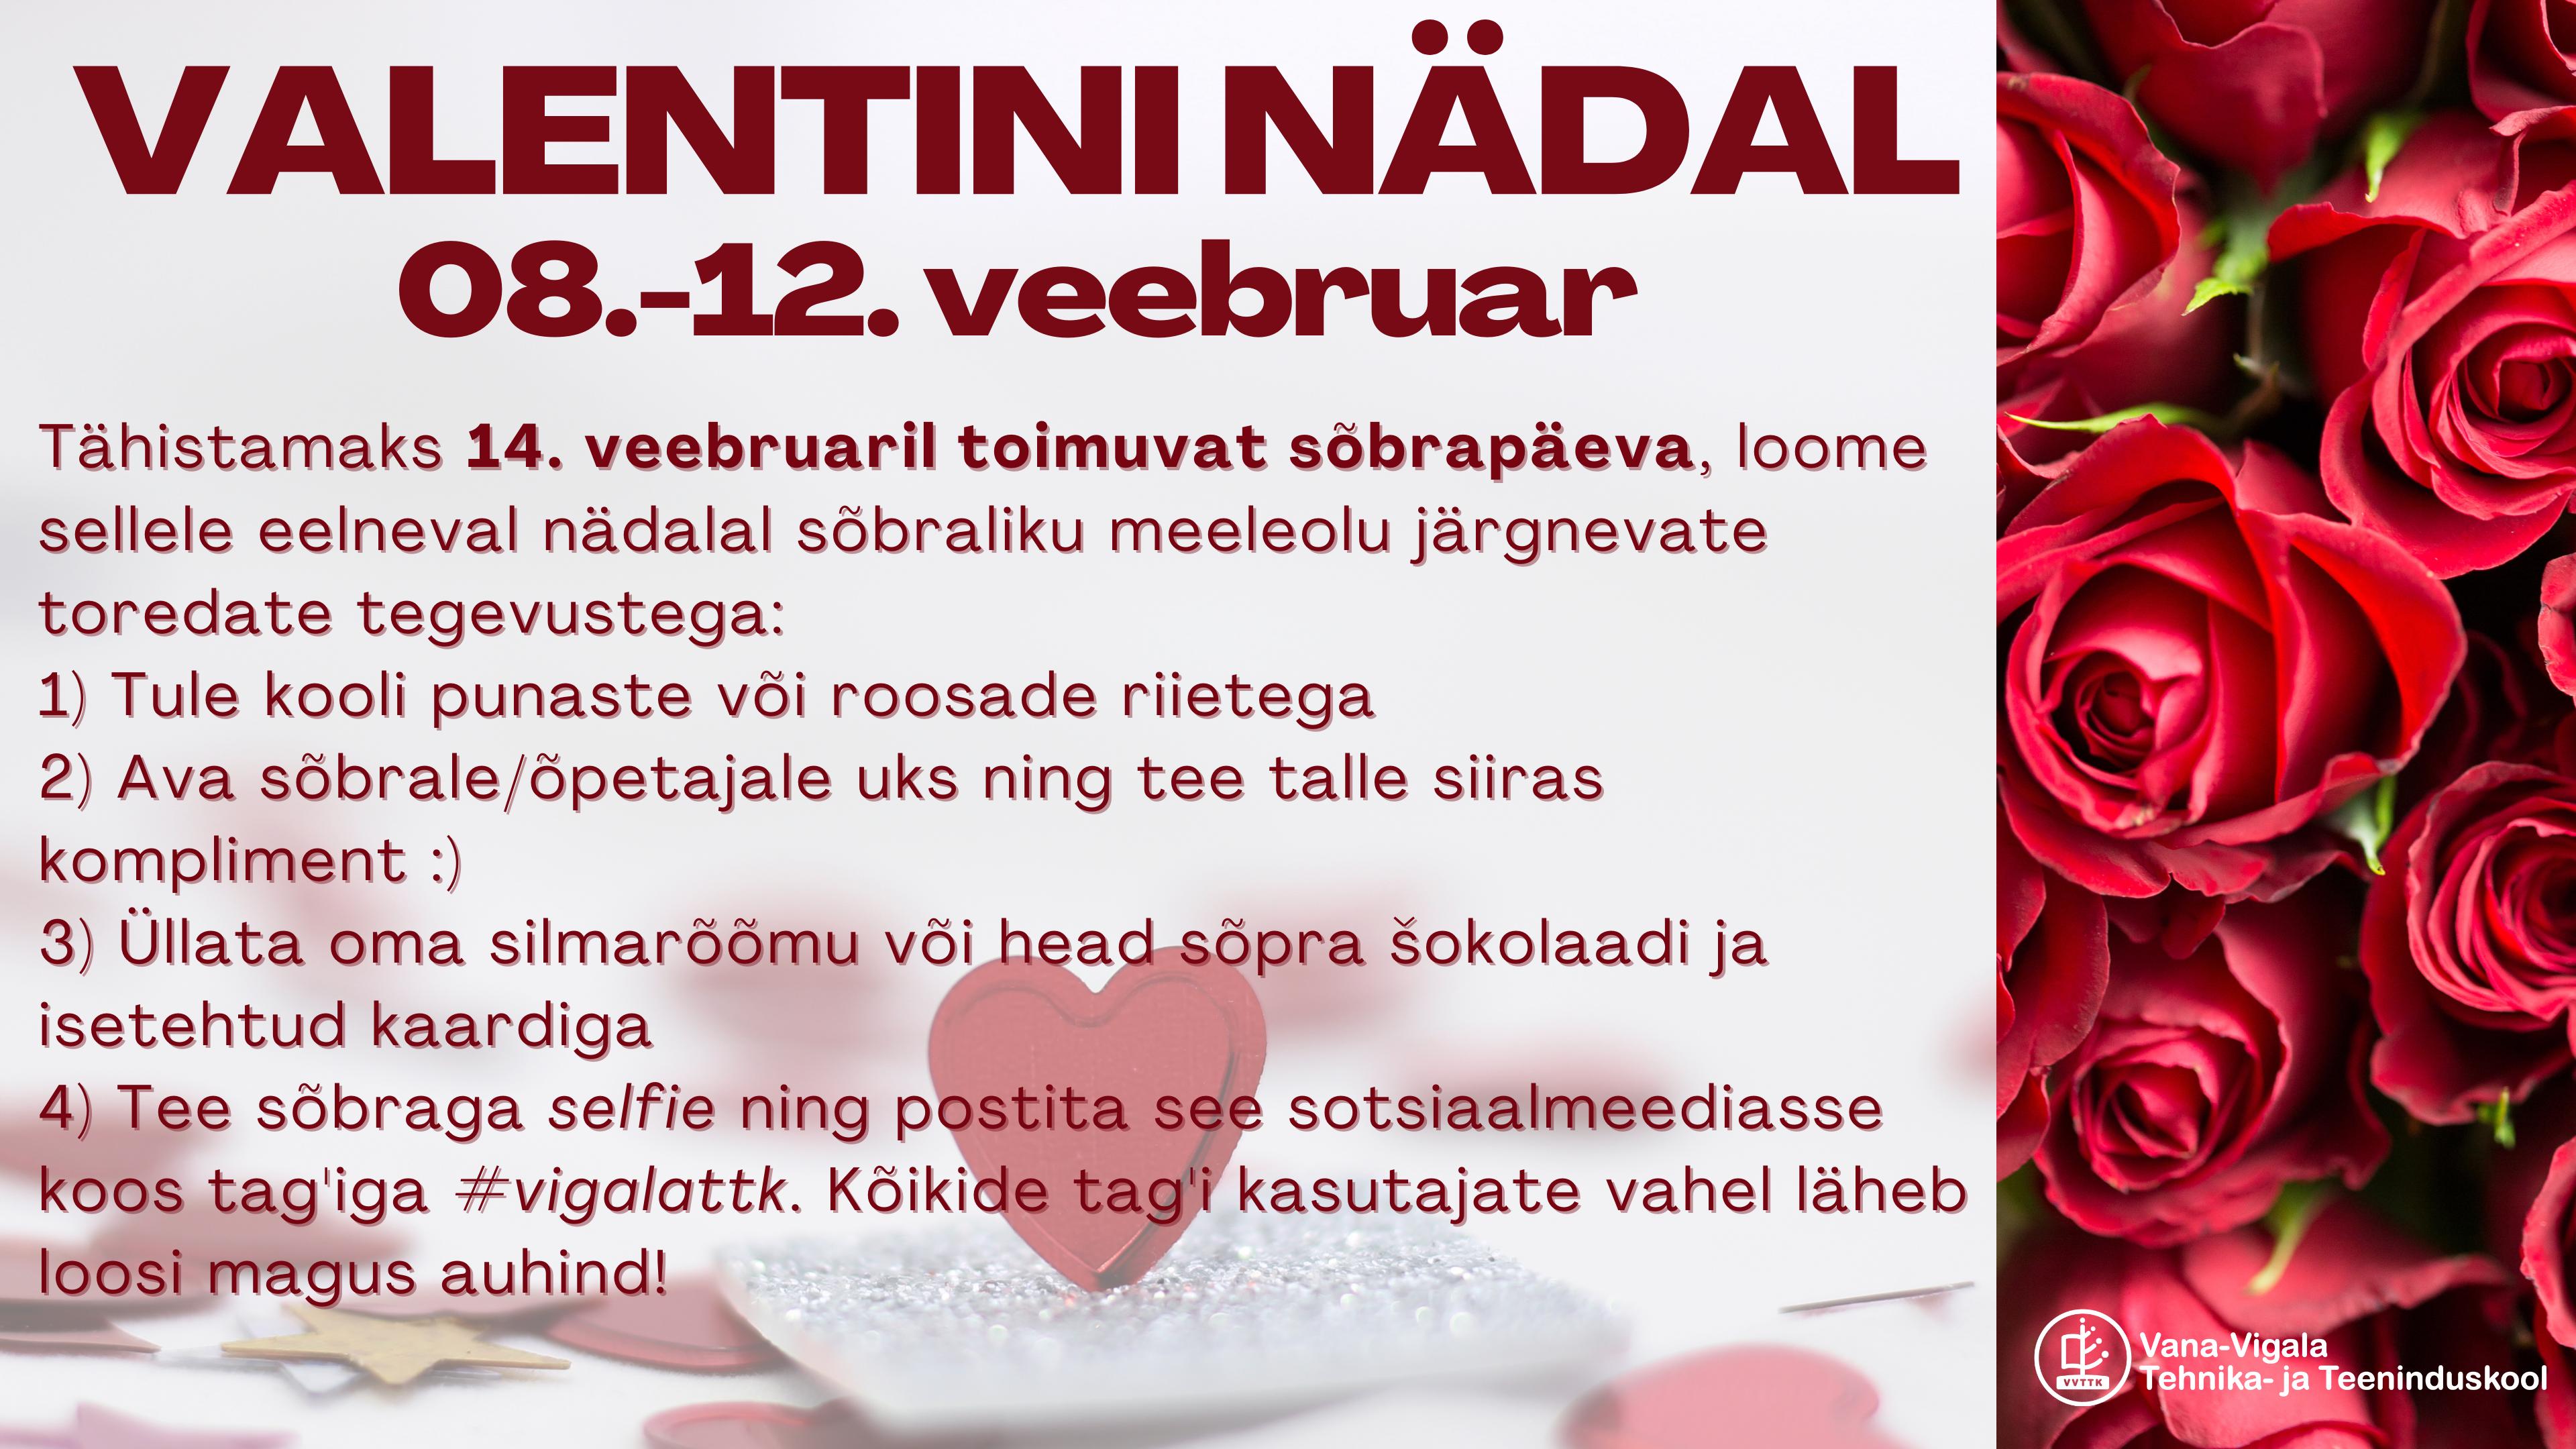 Valentininädal 08.-12.veebruaril